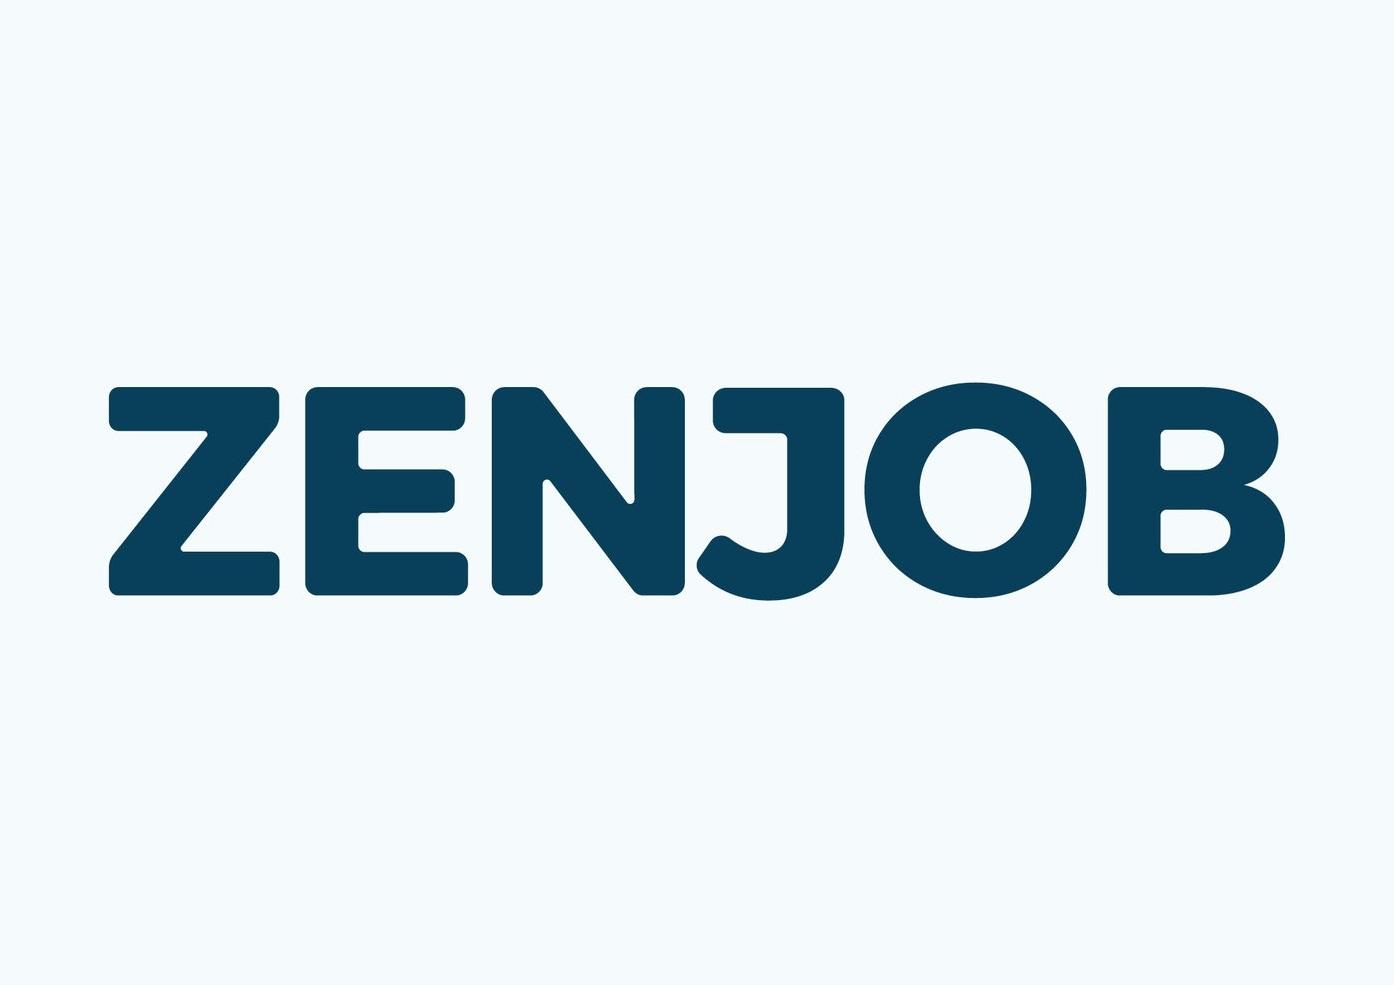 zenjob_logo.jpg